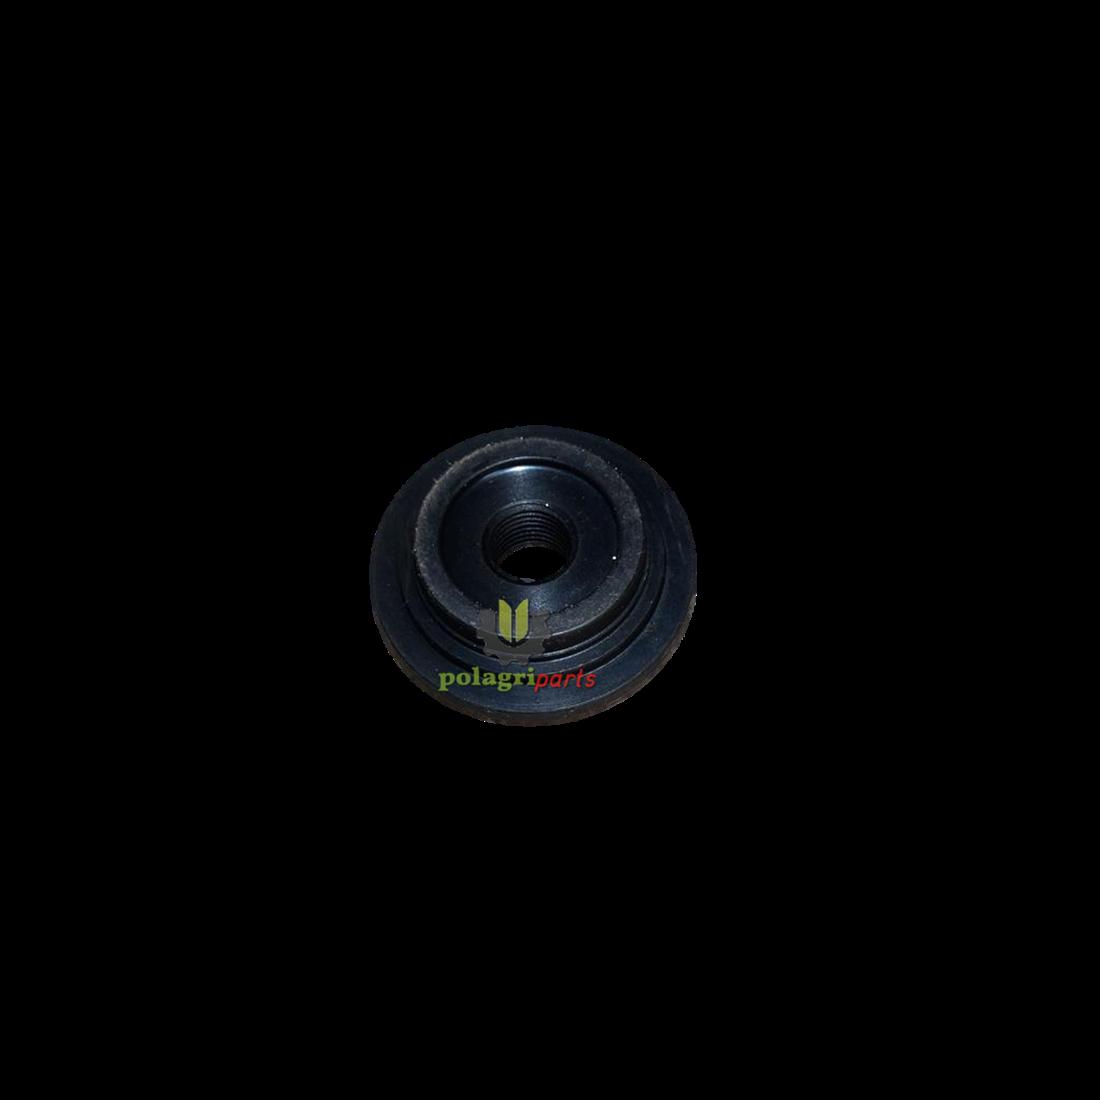 Łożysko koła zębatego, dół 55900220